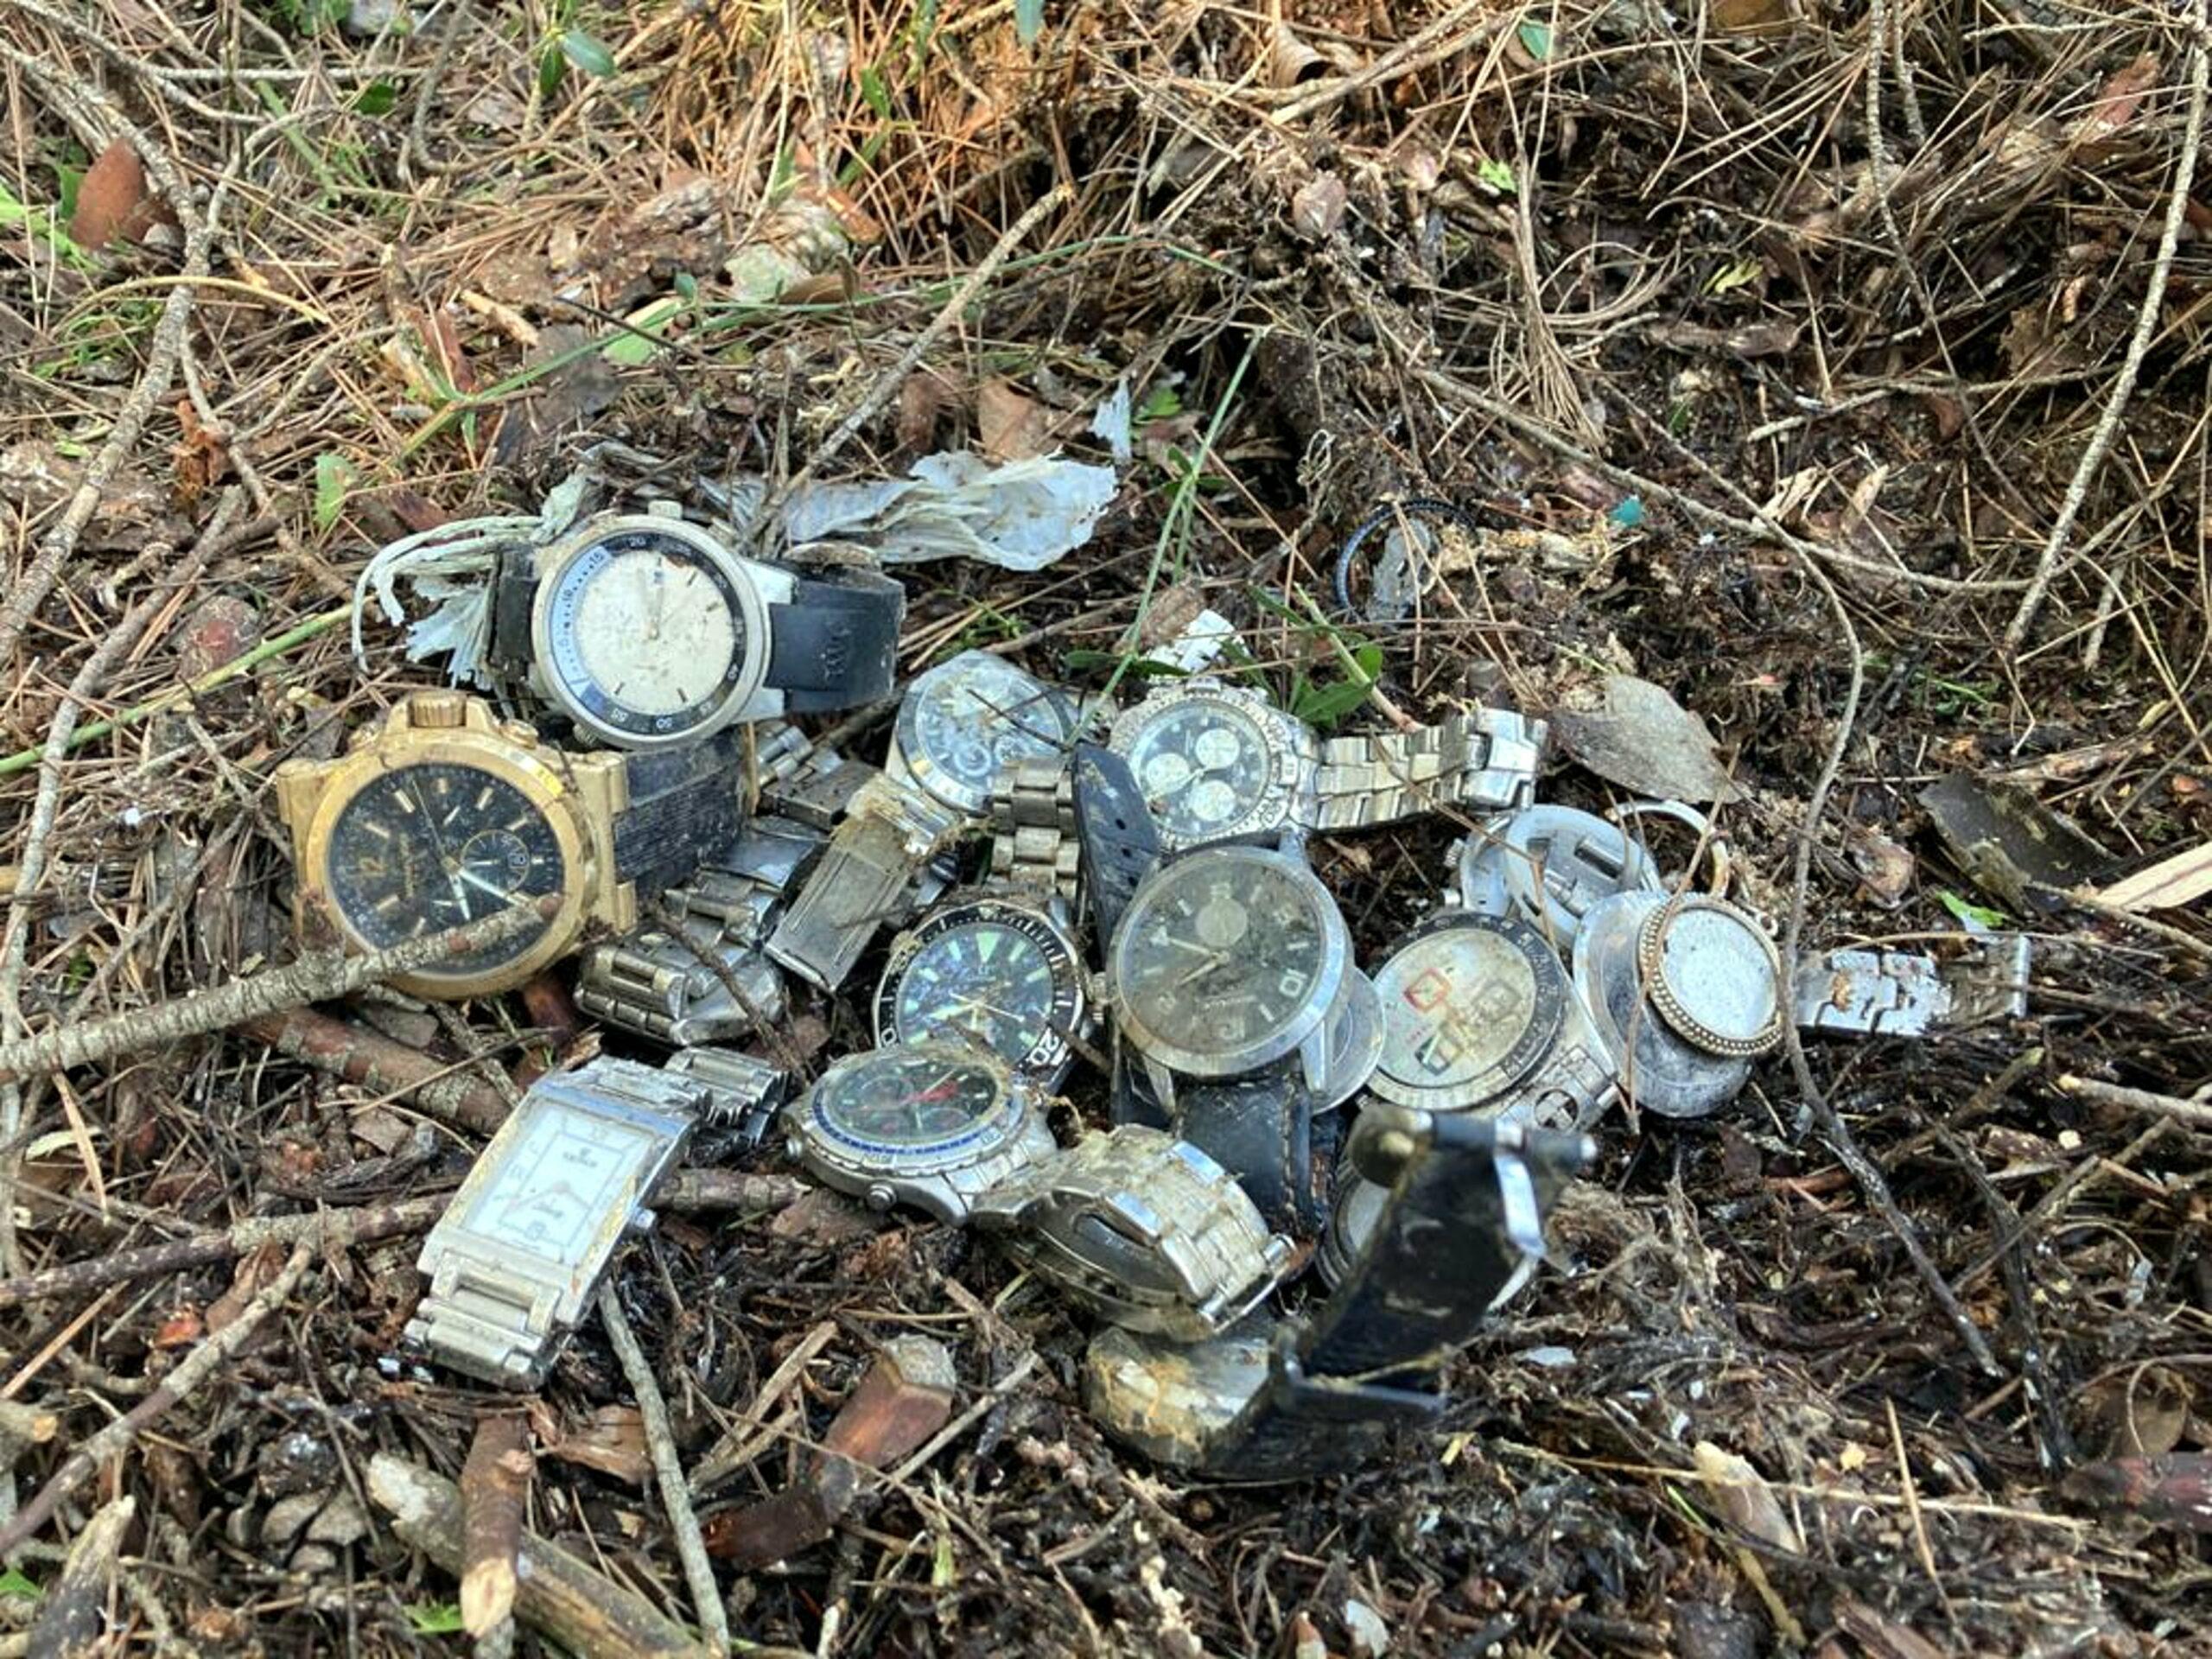 Els rellotges trobats al bosc per un veí de la vall de Sant Daniel   ACN